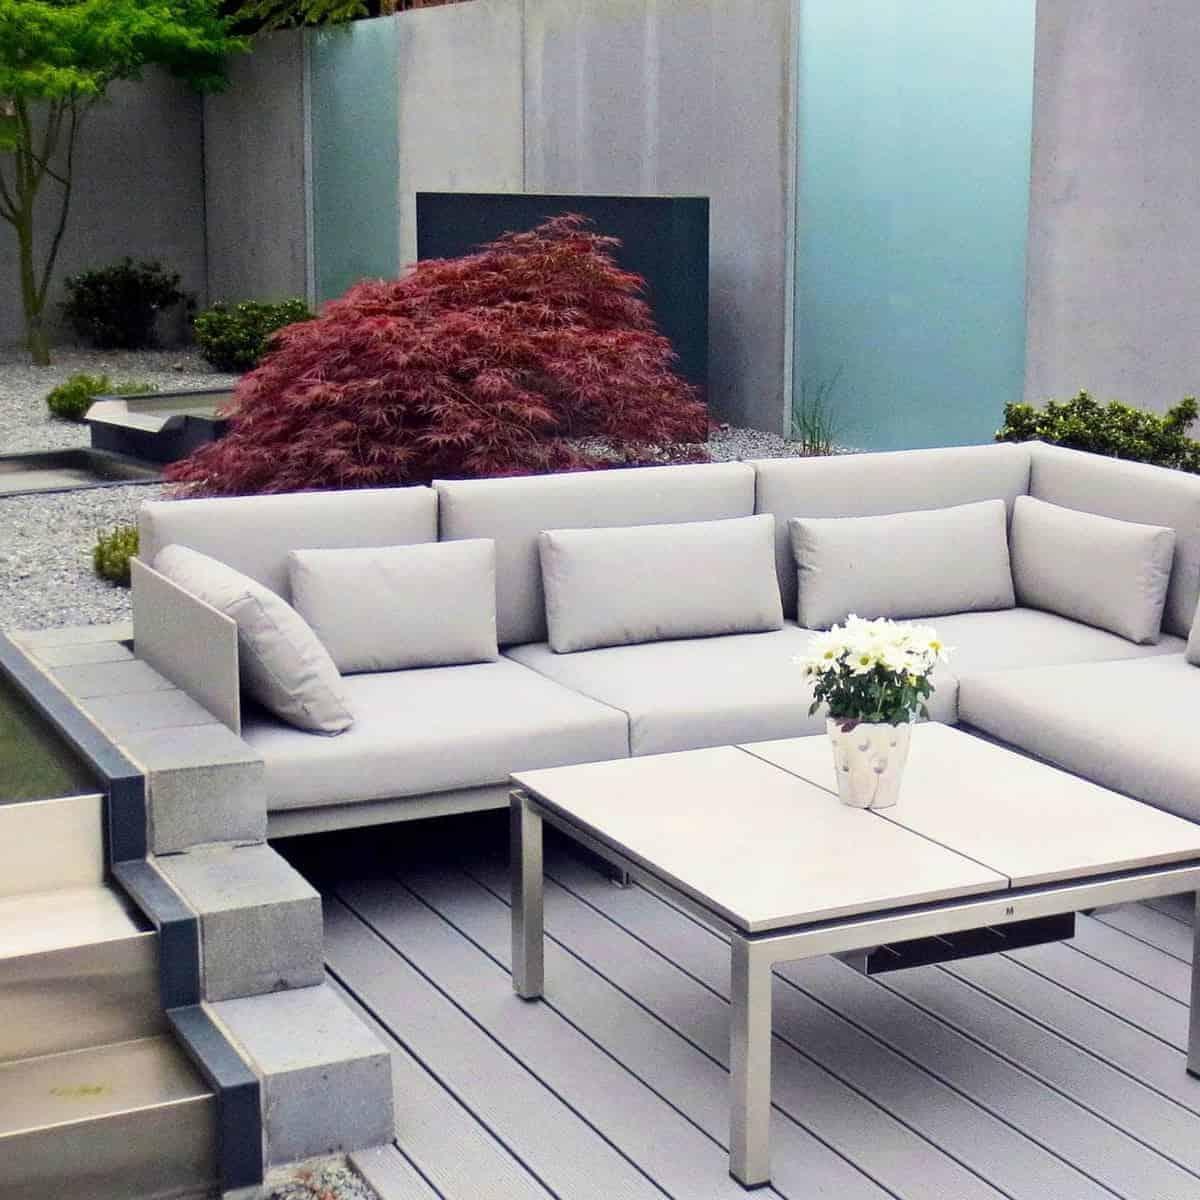 18 Wege Und Plaetze Bullinger Gartengestaltung